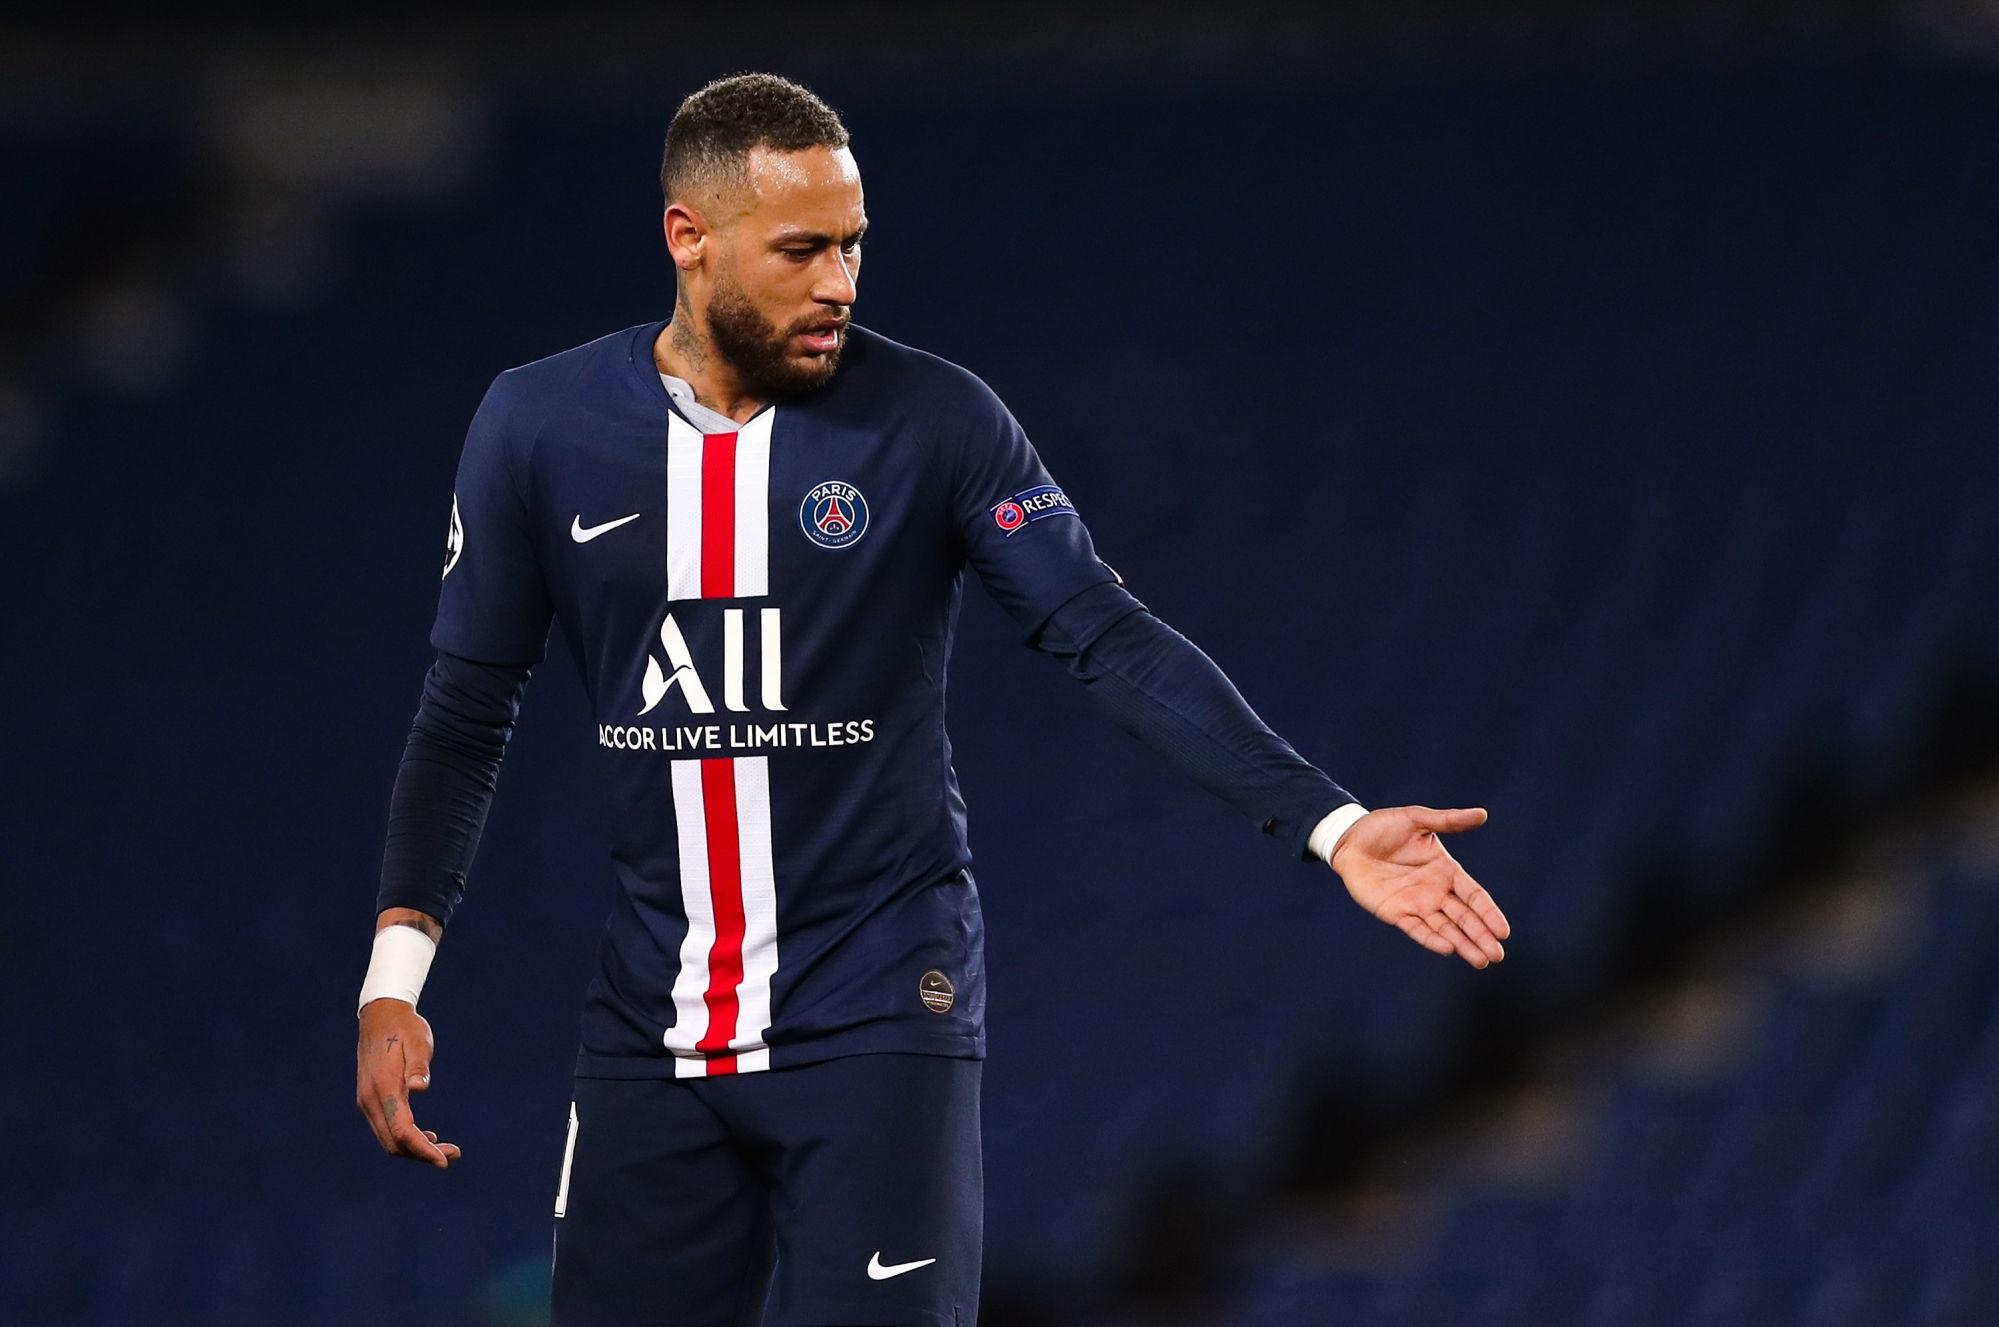 Neymar parmi les 3 joueurs du PSG positifs au coronavirus, selon L'Équipe